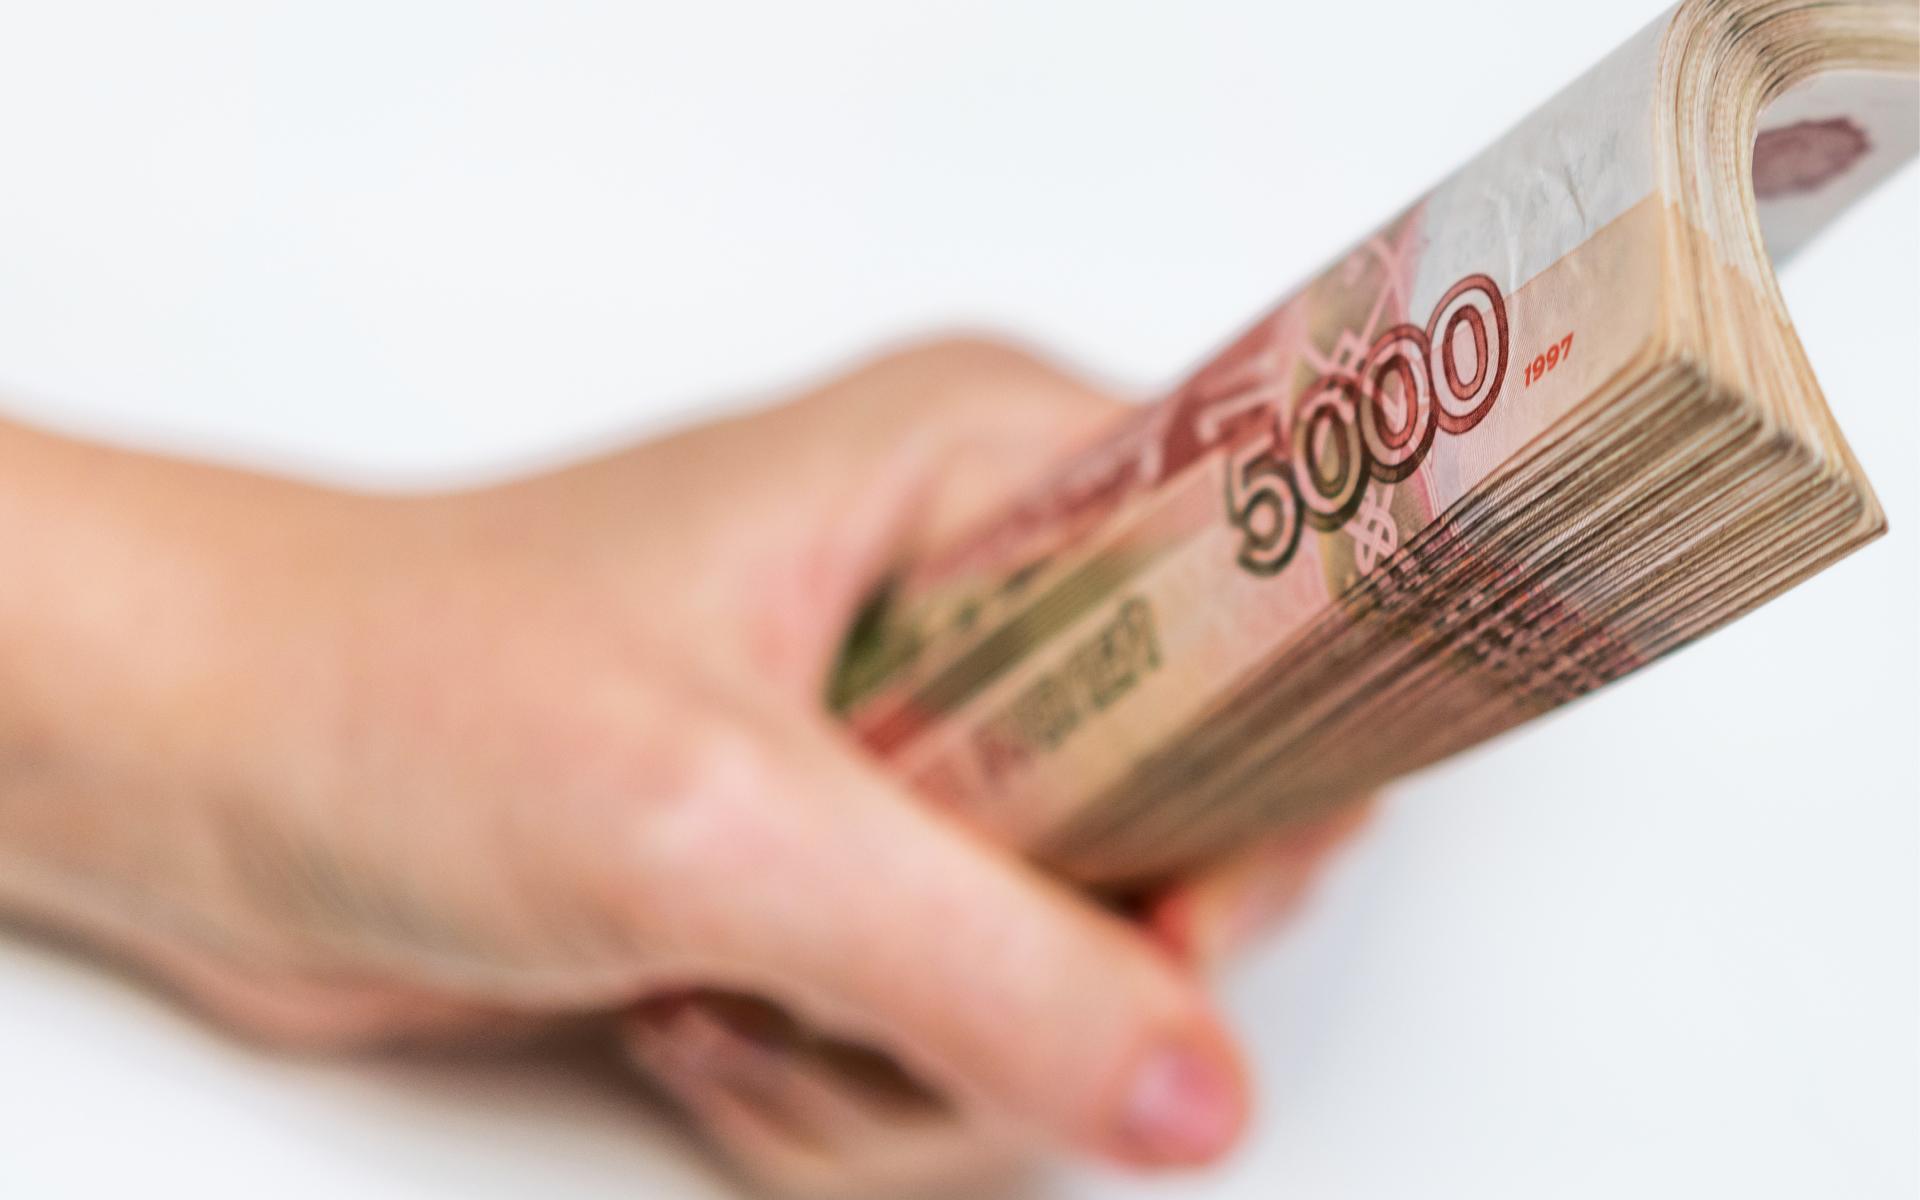 Первичный рынок Московской области также продемонстрировал существенный рост цен за год